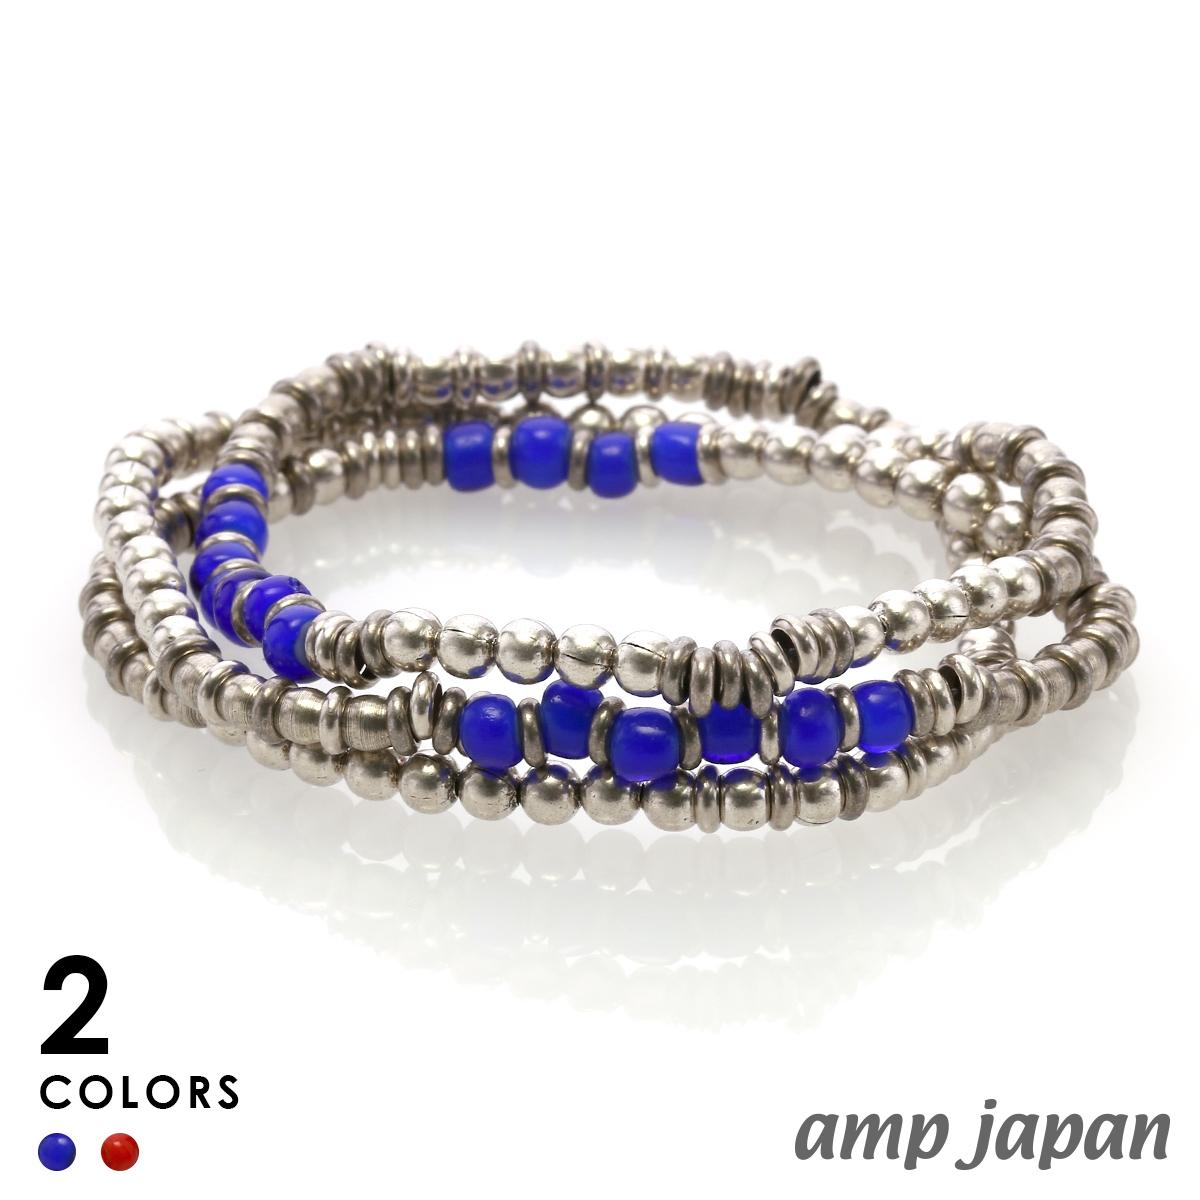 アンプジャパン【amp japan】Metal Beads Sunrise/Sunset メタル ビーズ サンセット ネックレス